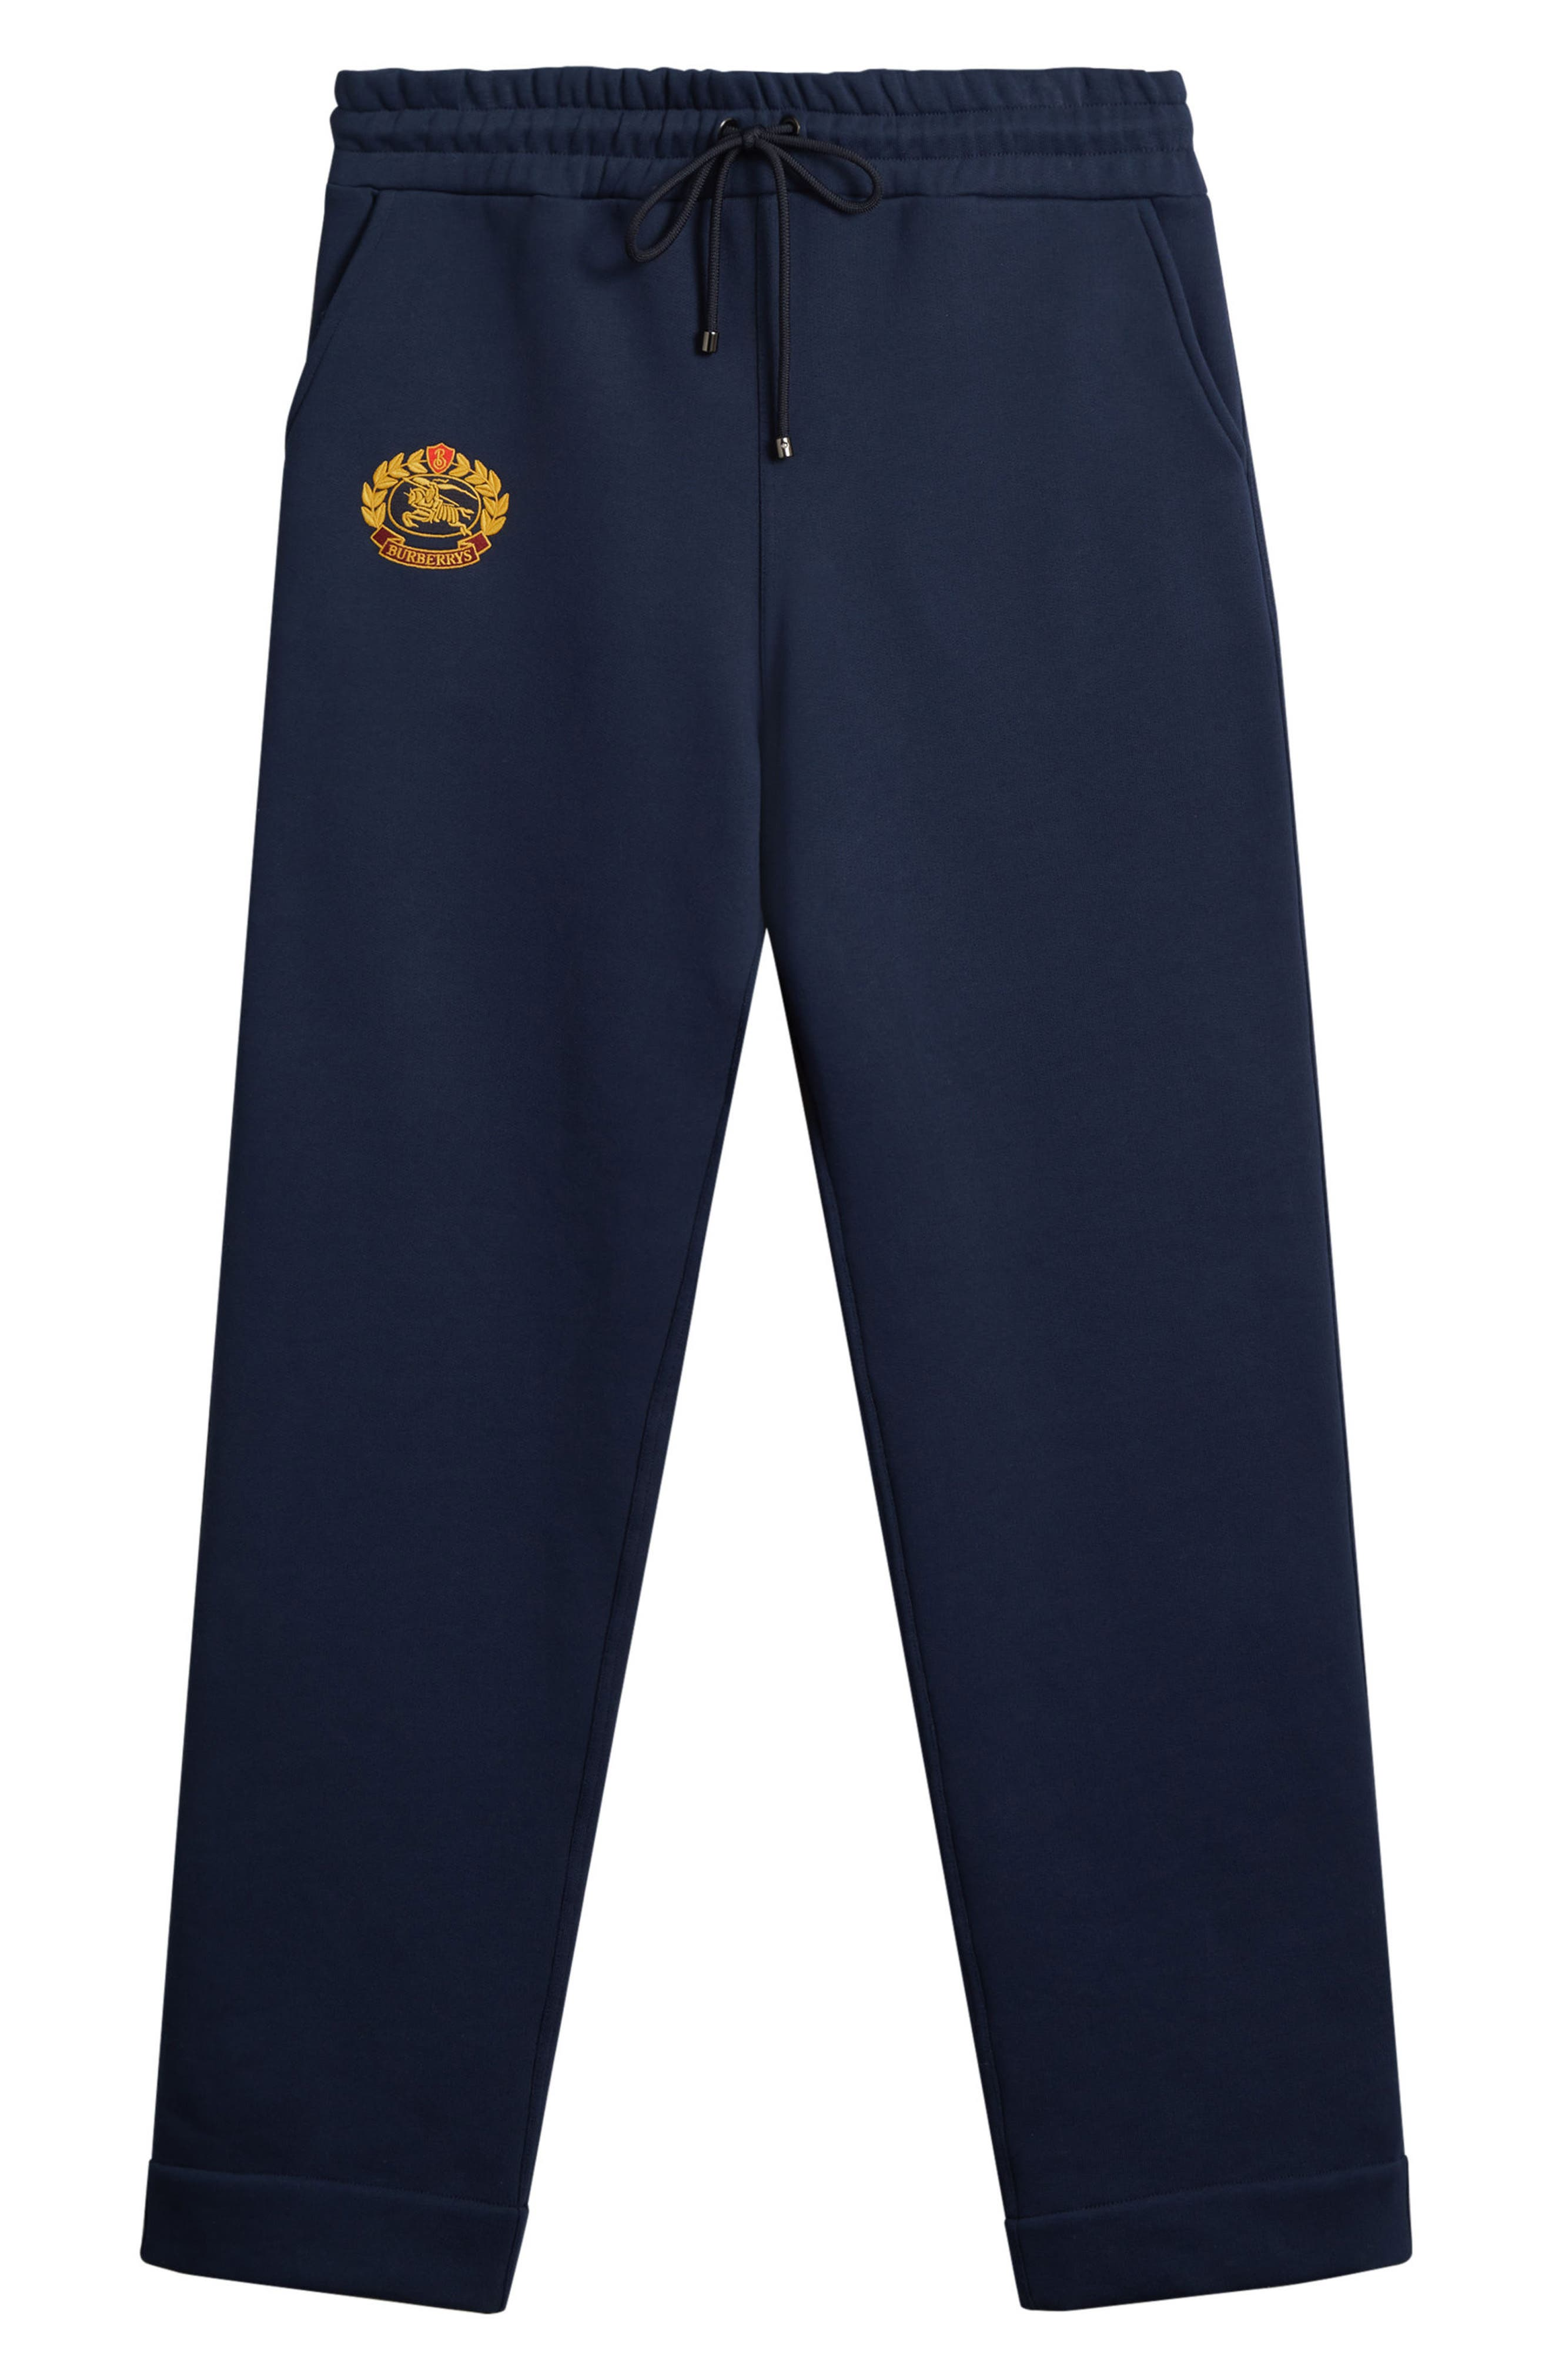 Vintage Crest Sweatpants,                             Alternate thumbnail 4, color,                             401